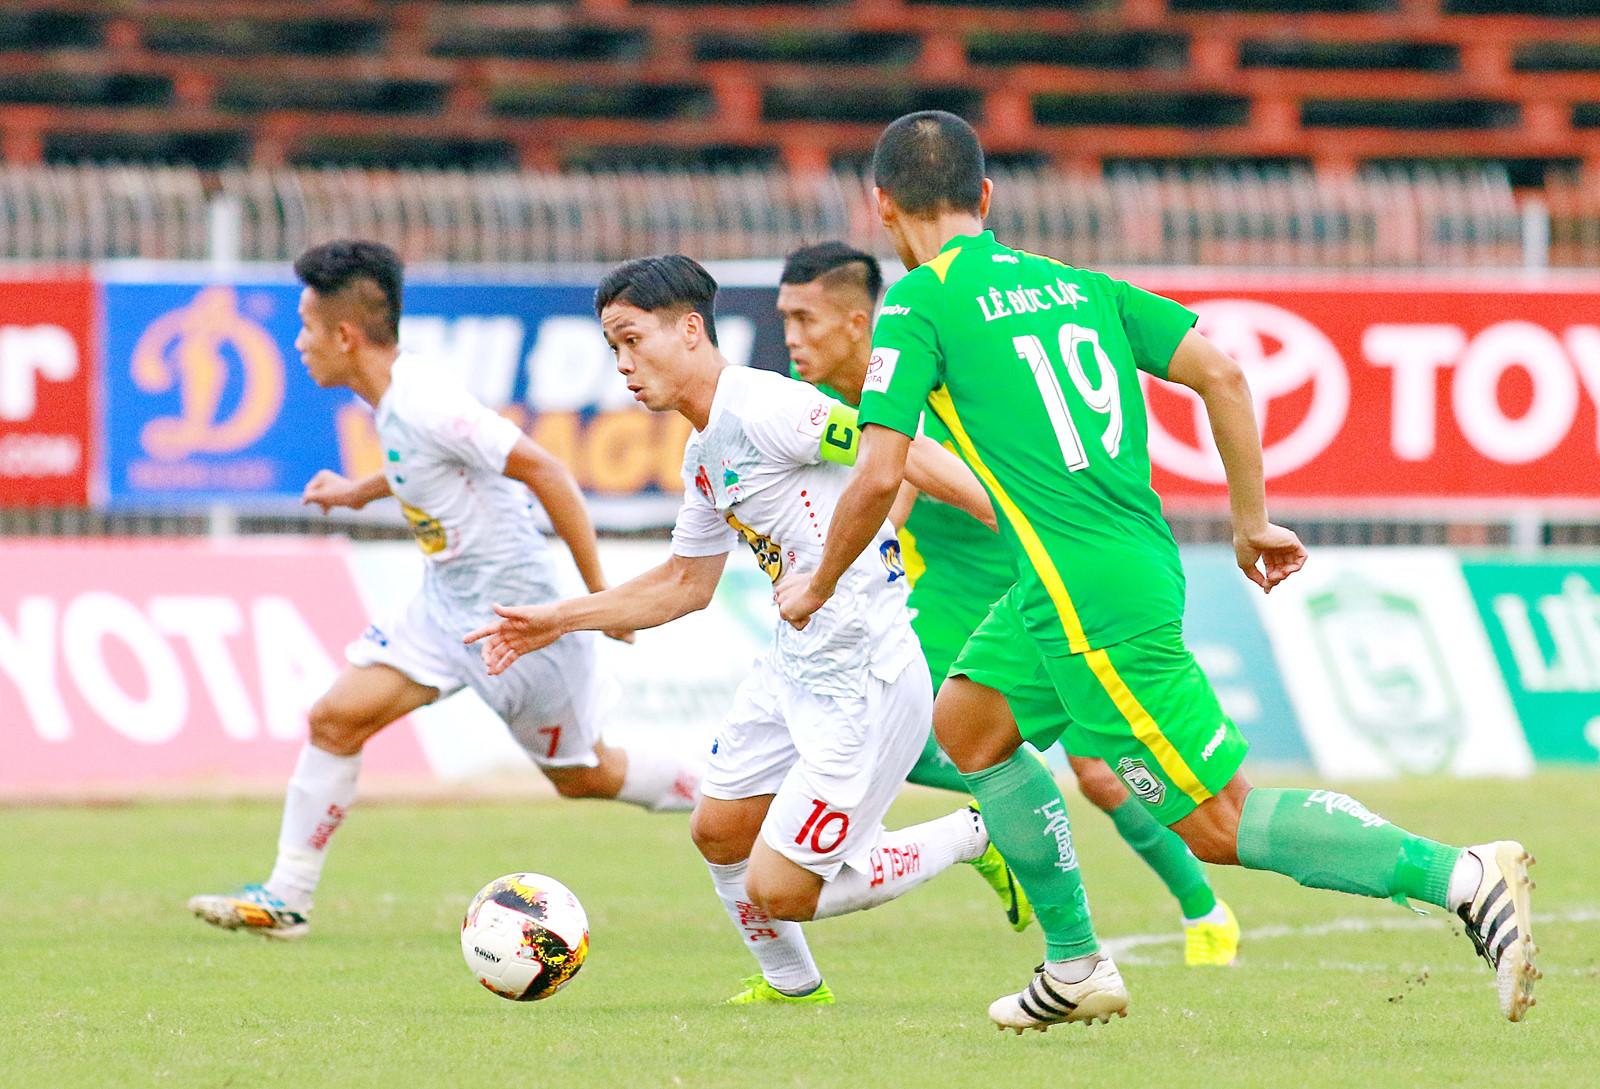 Nhận định vòng 19 V-League: HAGL vs Cần Thơ, 17h00 ngày 14/7